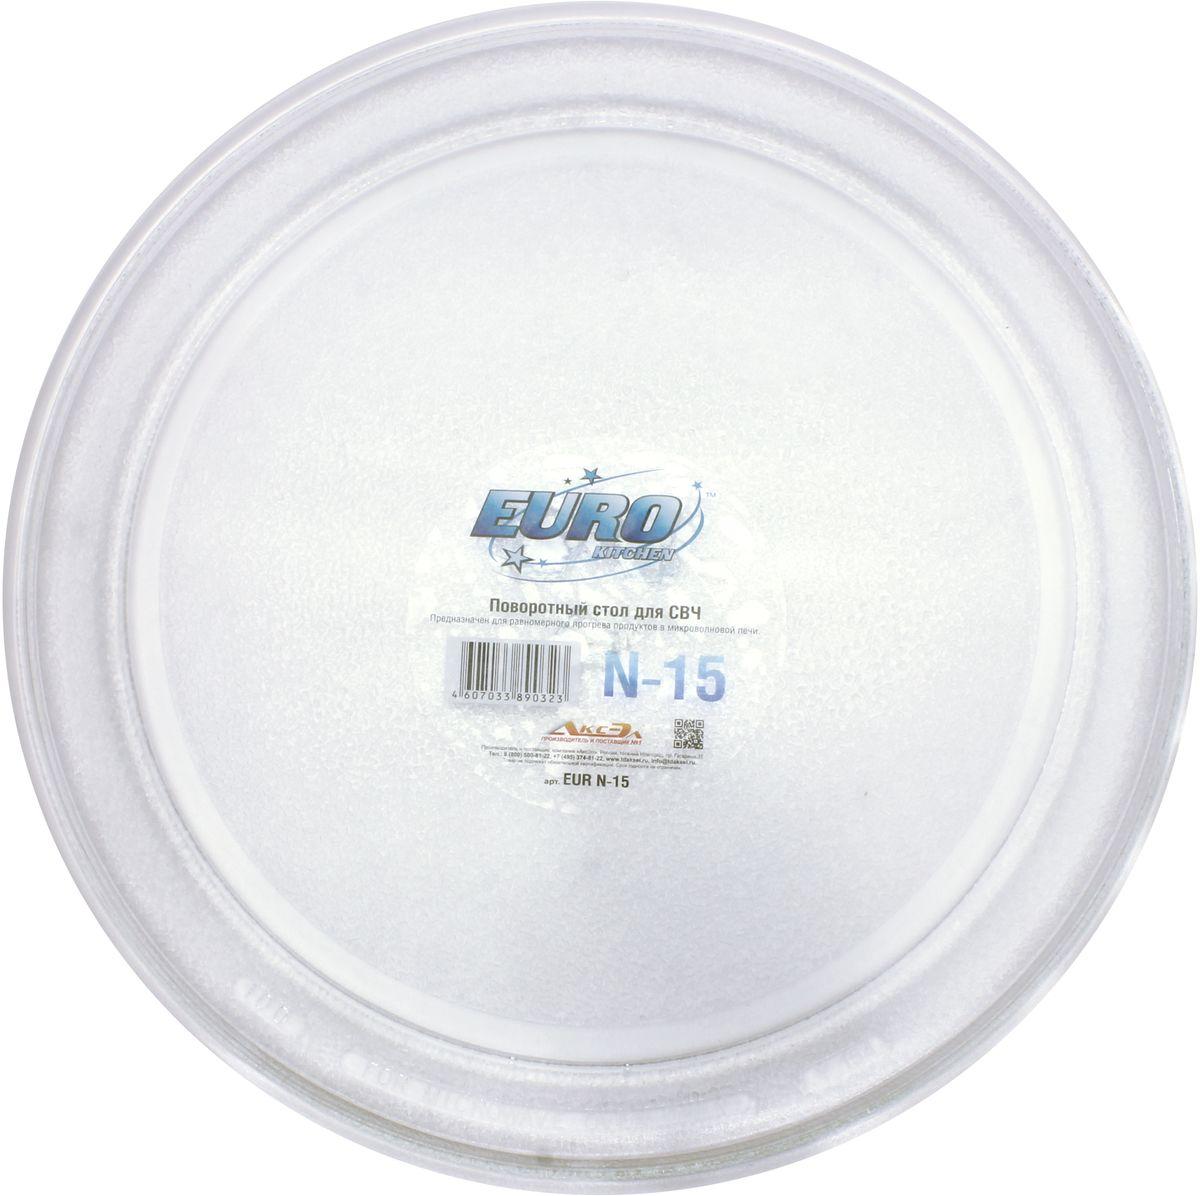 Euro Kitchen N-15 тарелка для СВЧ